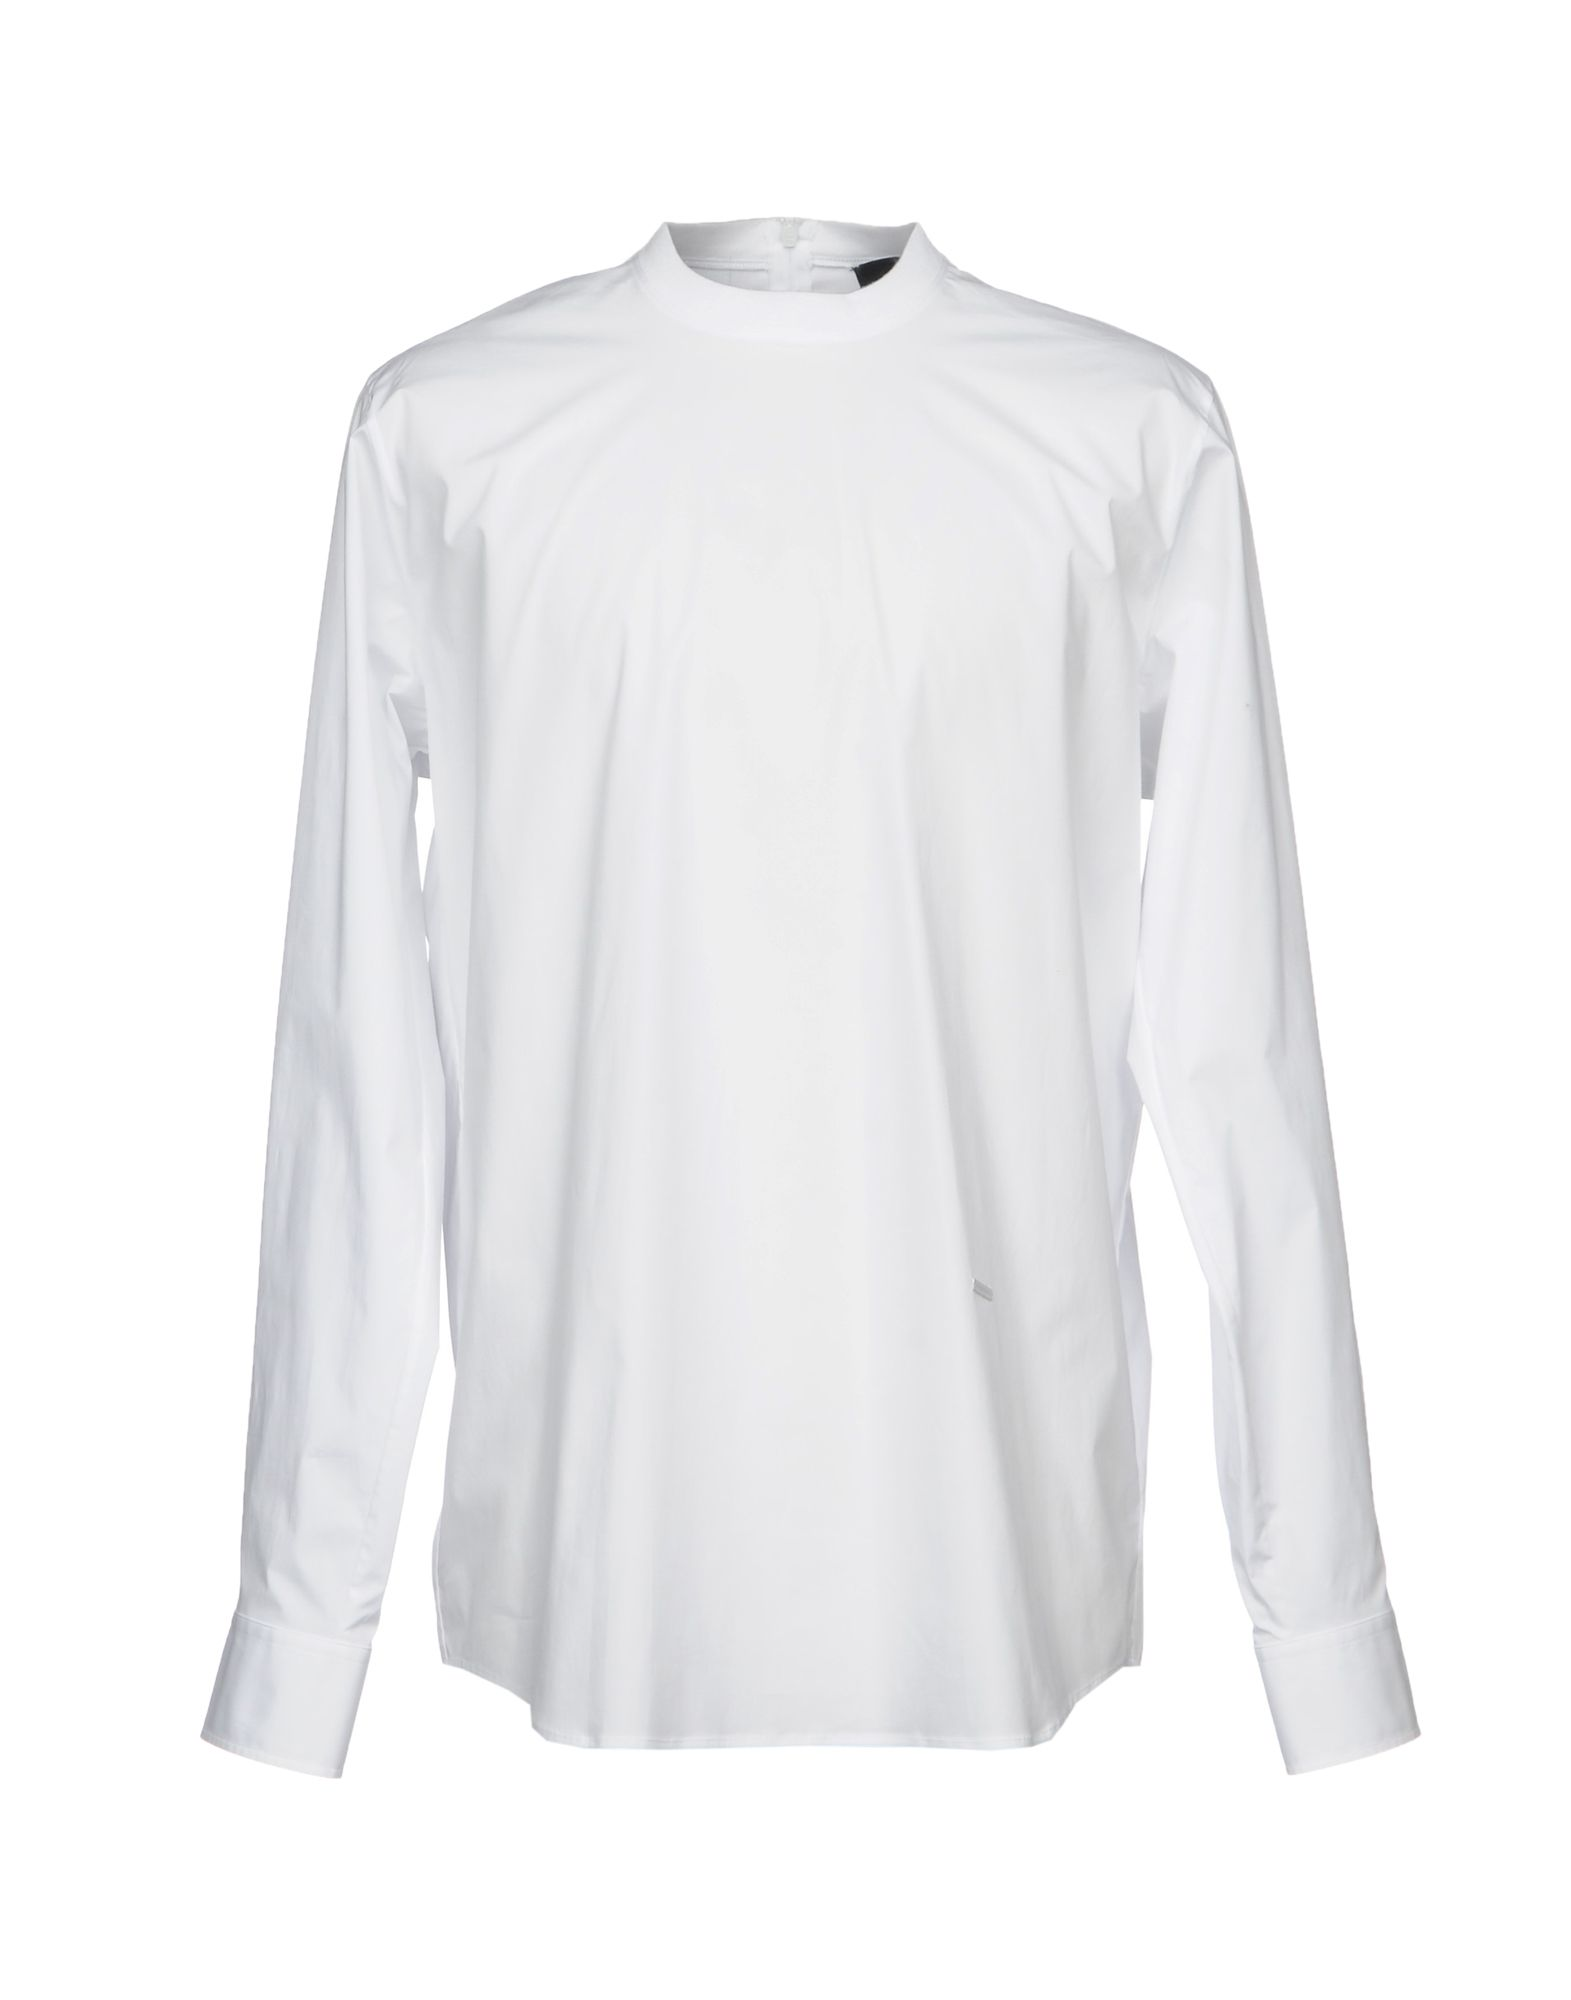 DSQUARED2 Herren Hemd Farbe Weiß Größe 4 jetztbilligerkaufen